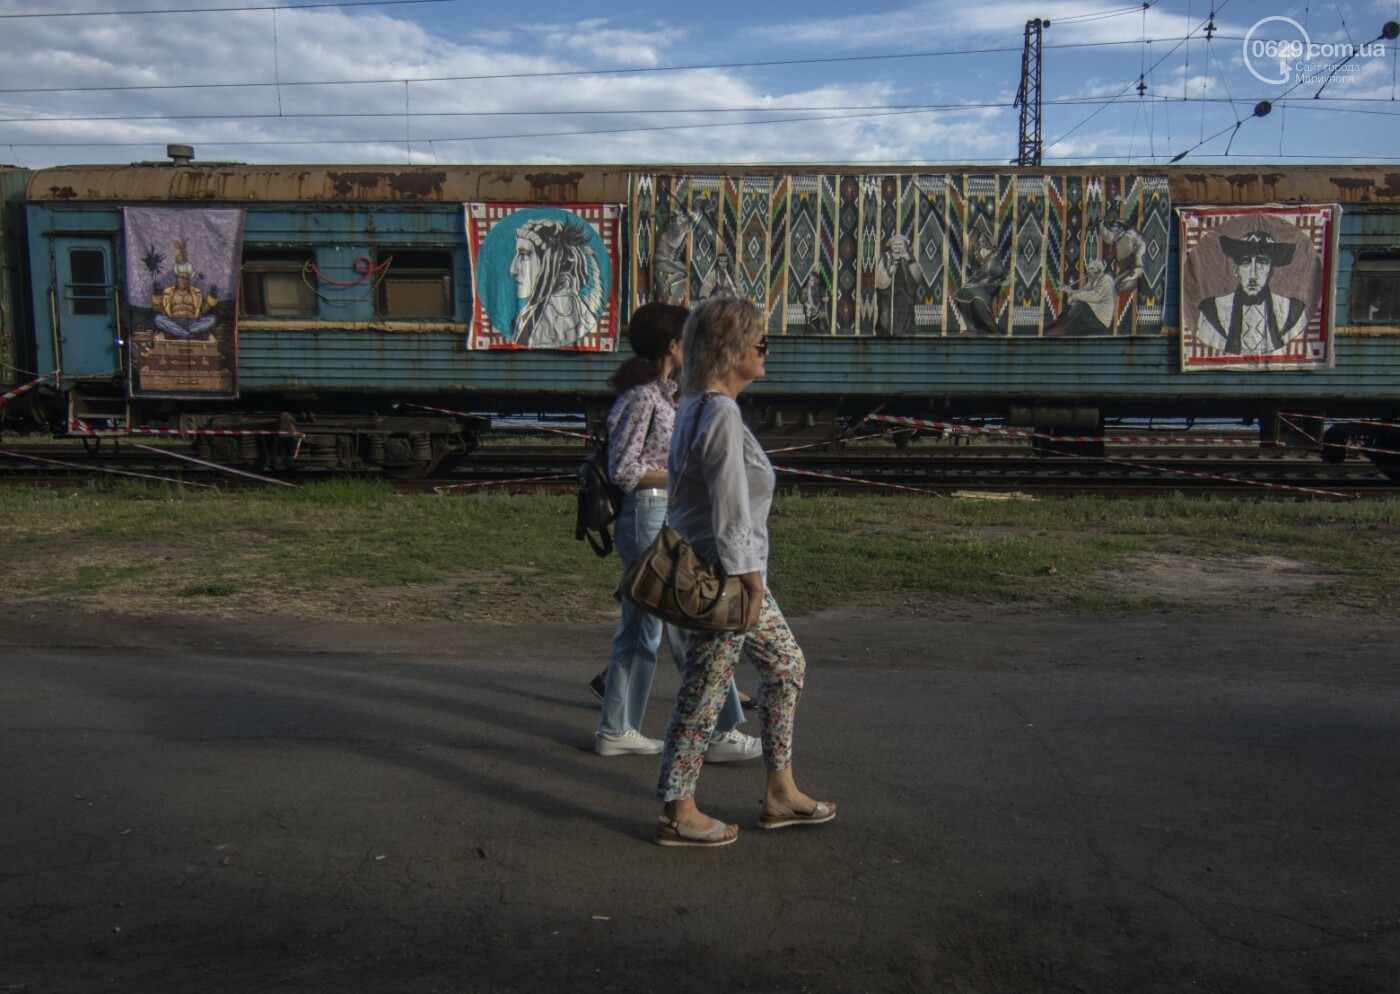 Во что превратили художники старый железнодорожный состав в Мариуполе. 33 фотографии! , фото-4